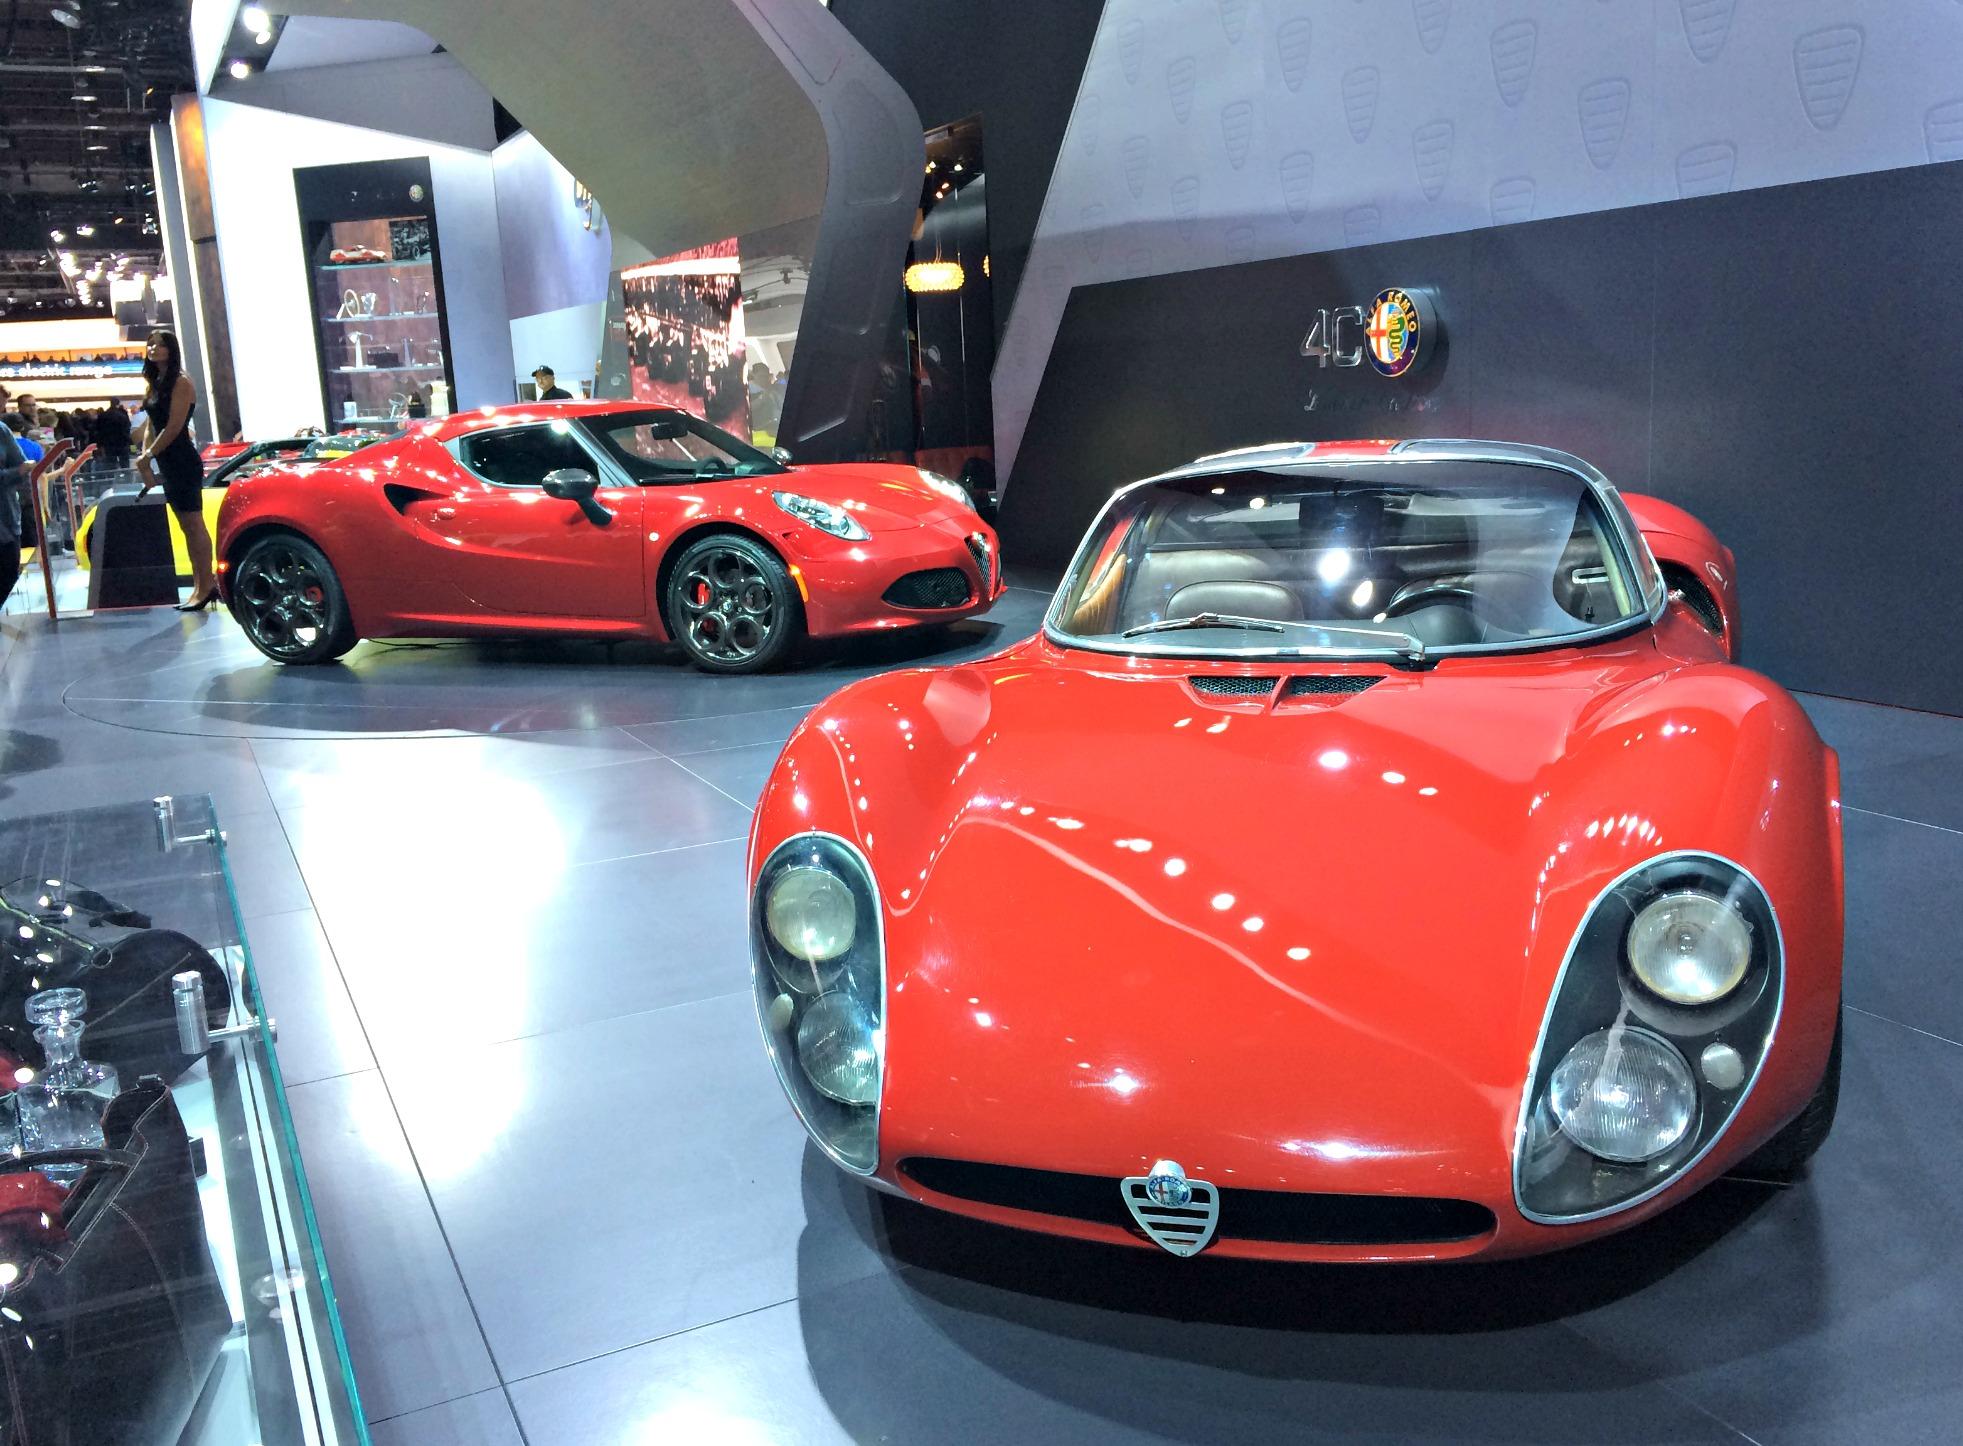 alfa romeo cars at auto show